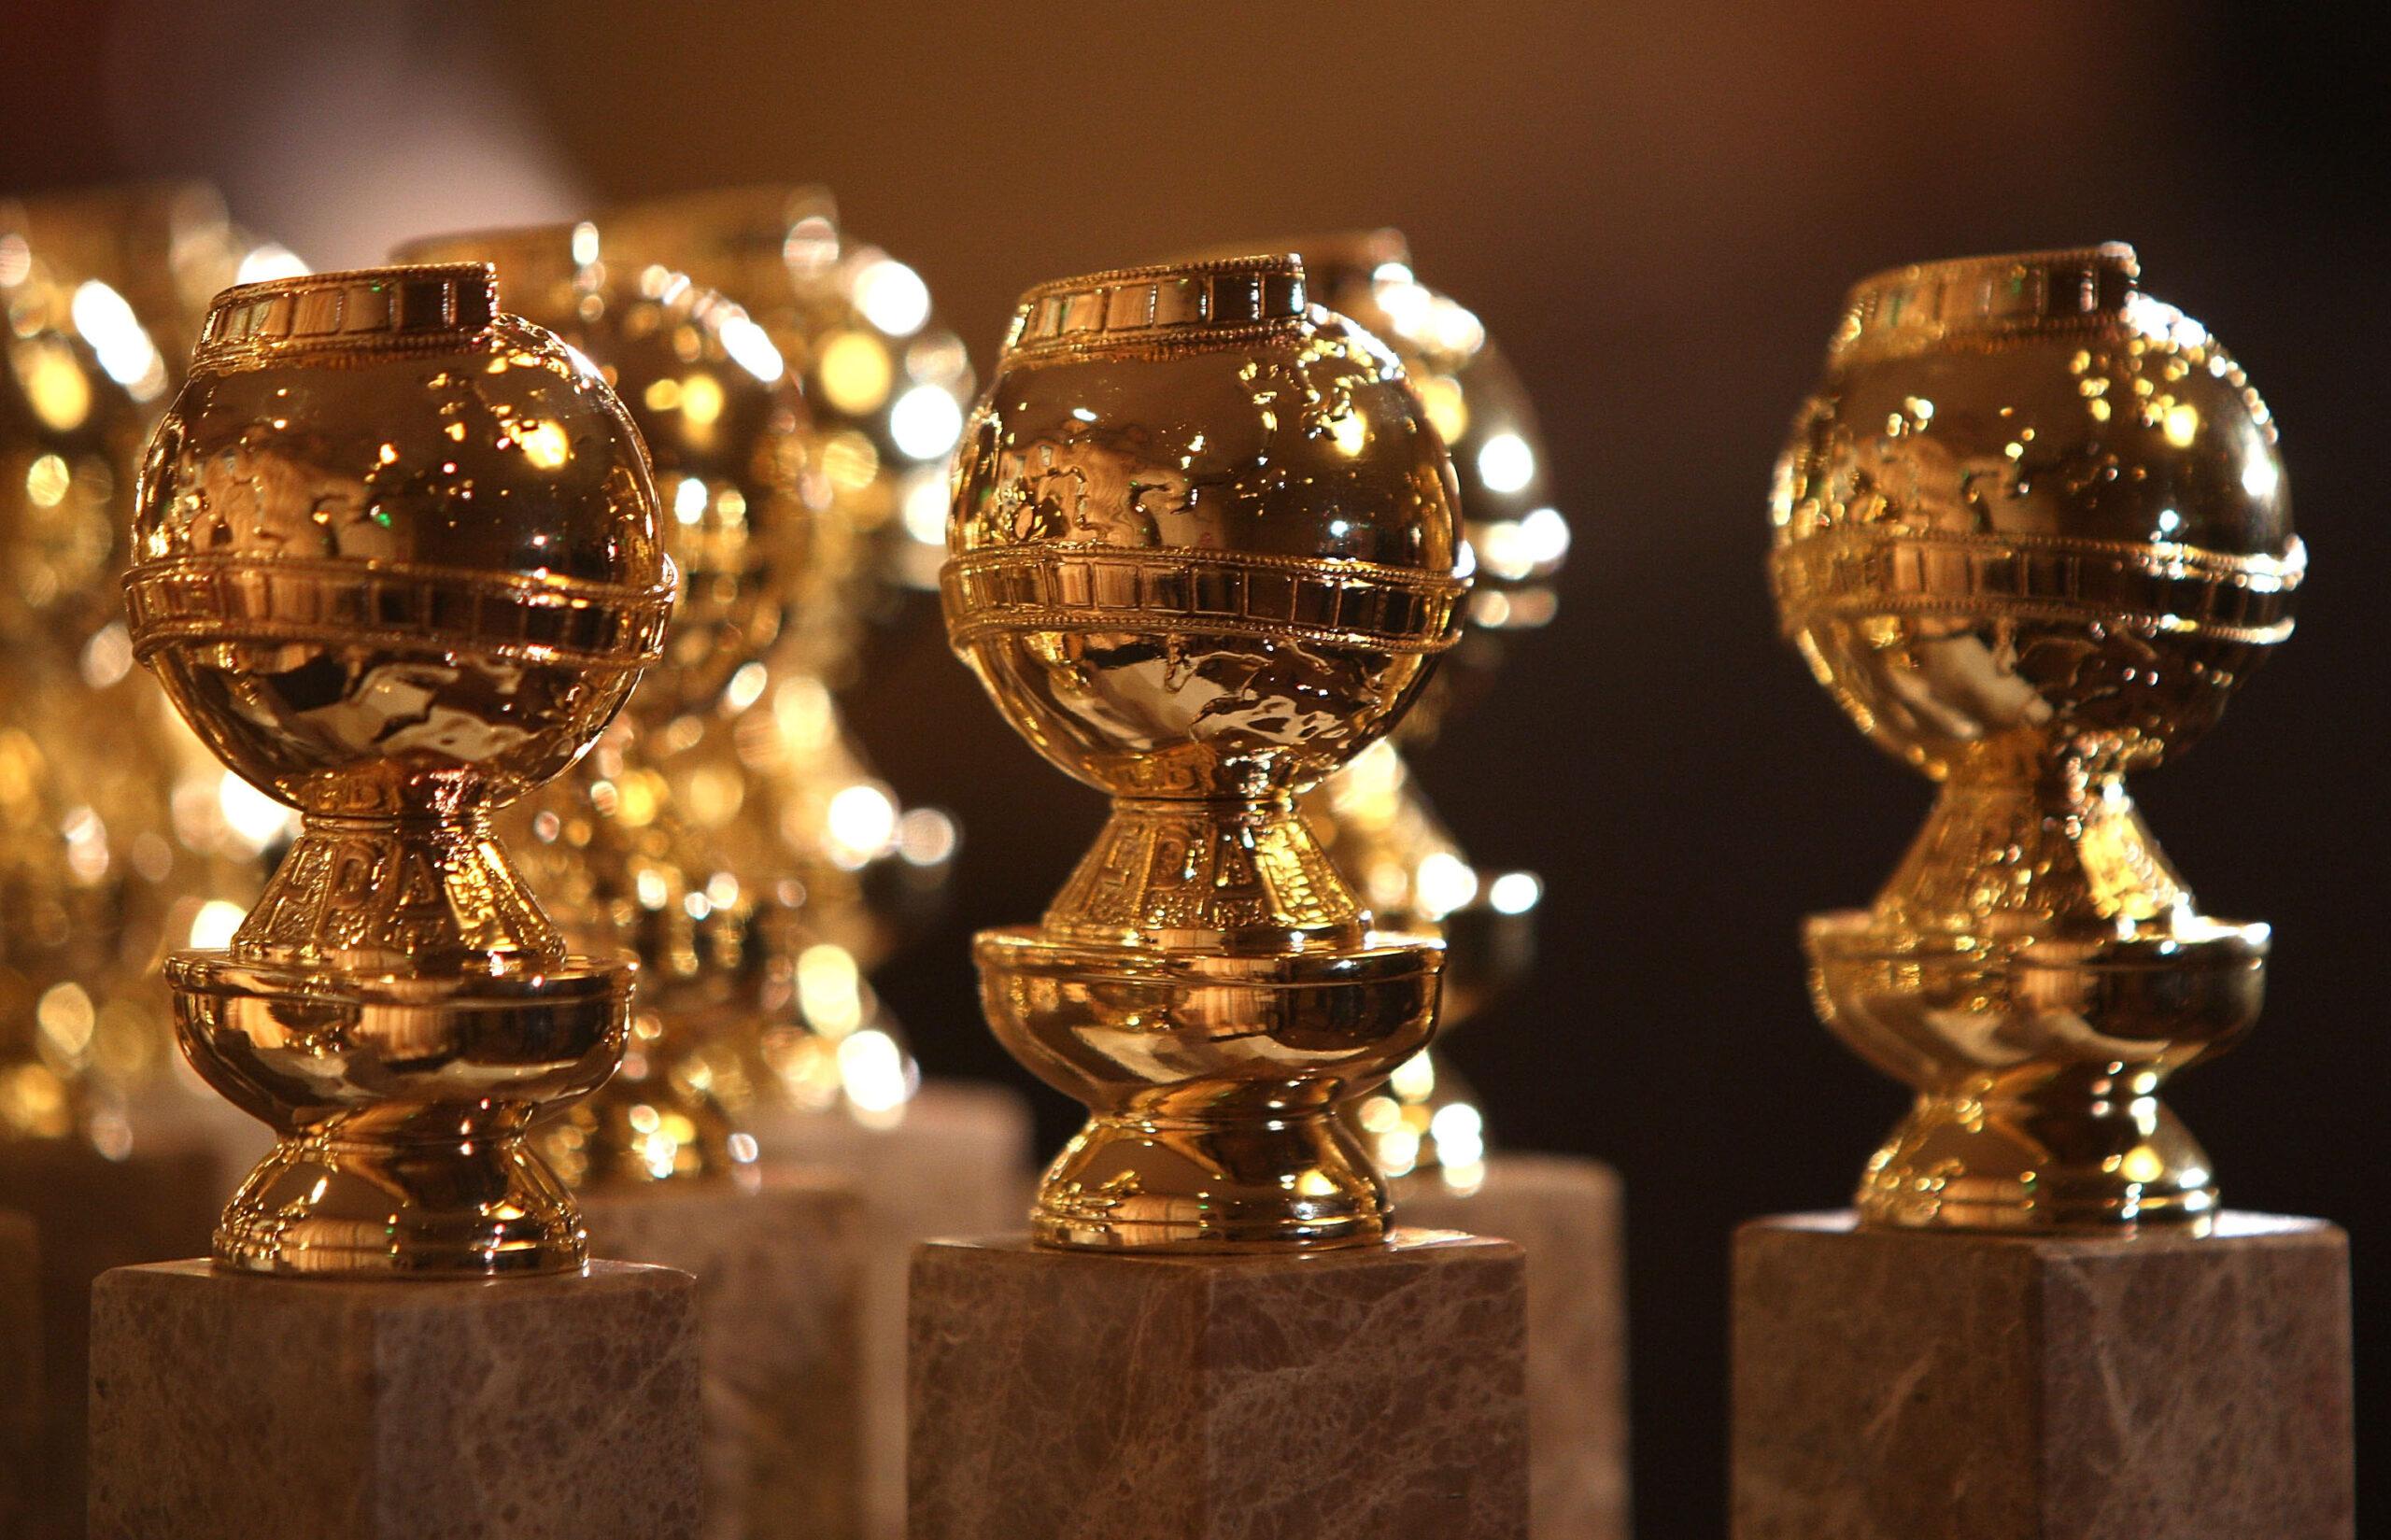 好莱坞明星、制片厂共同抵制金球奖丨NBC表示不会播放其2022颁奖典礼